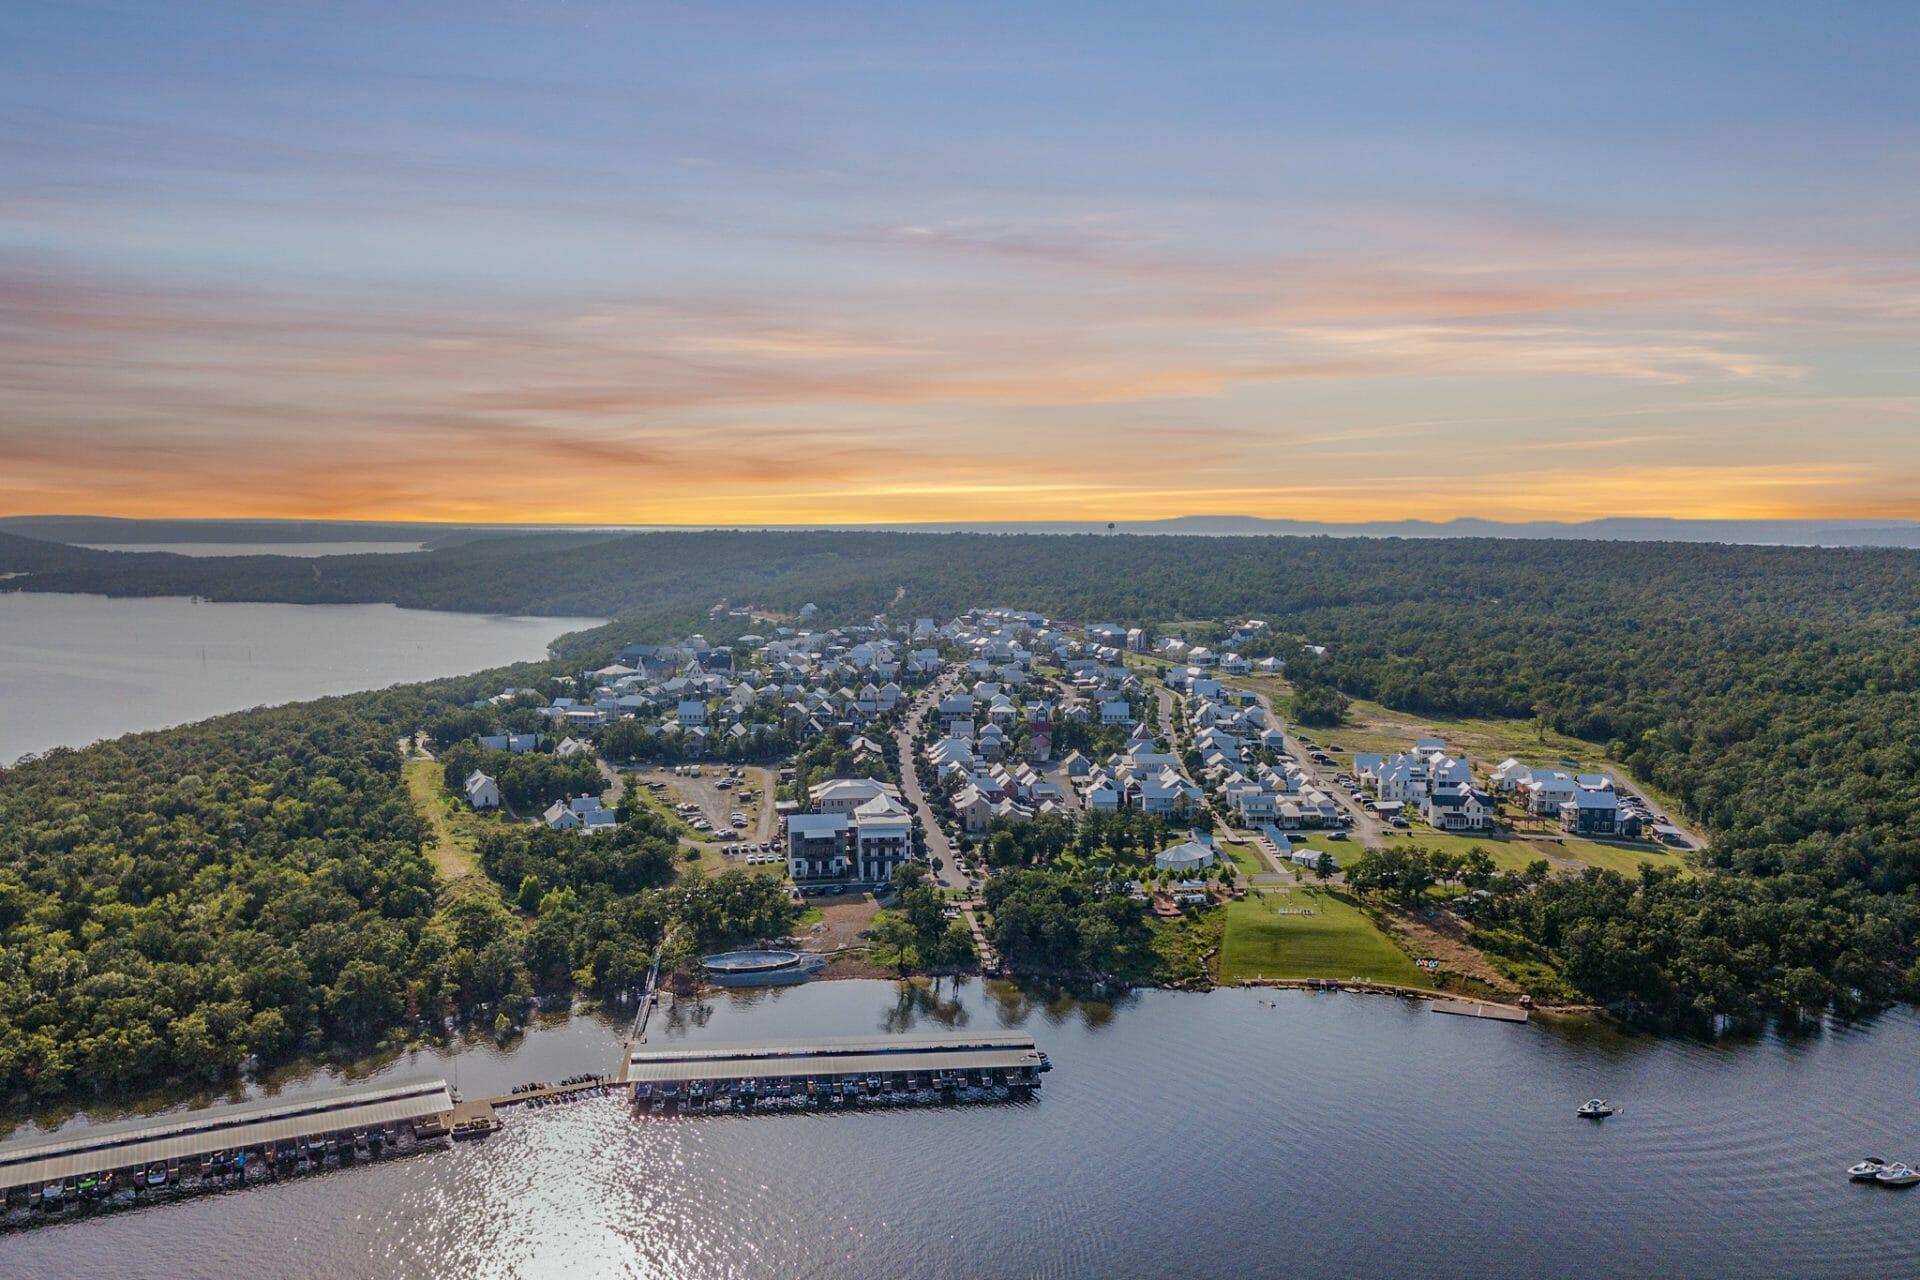 Carlton Landing Drone View